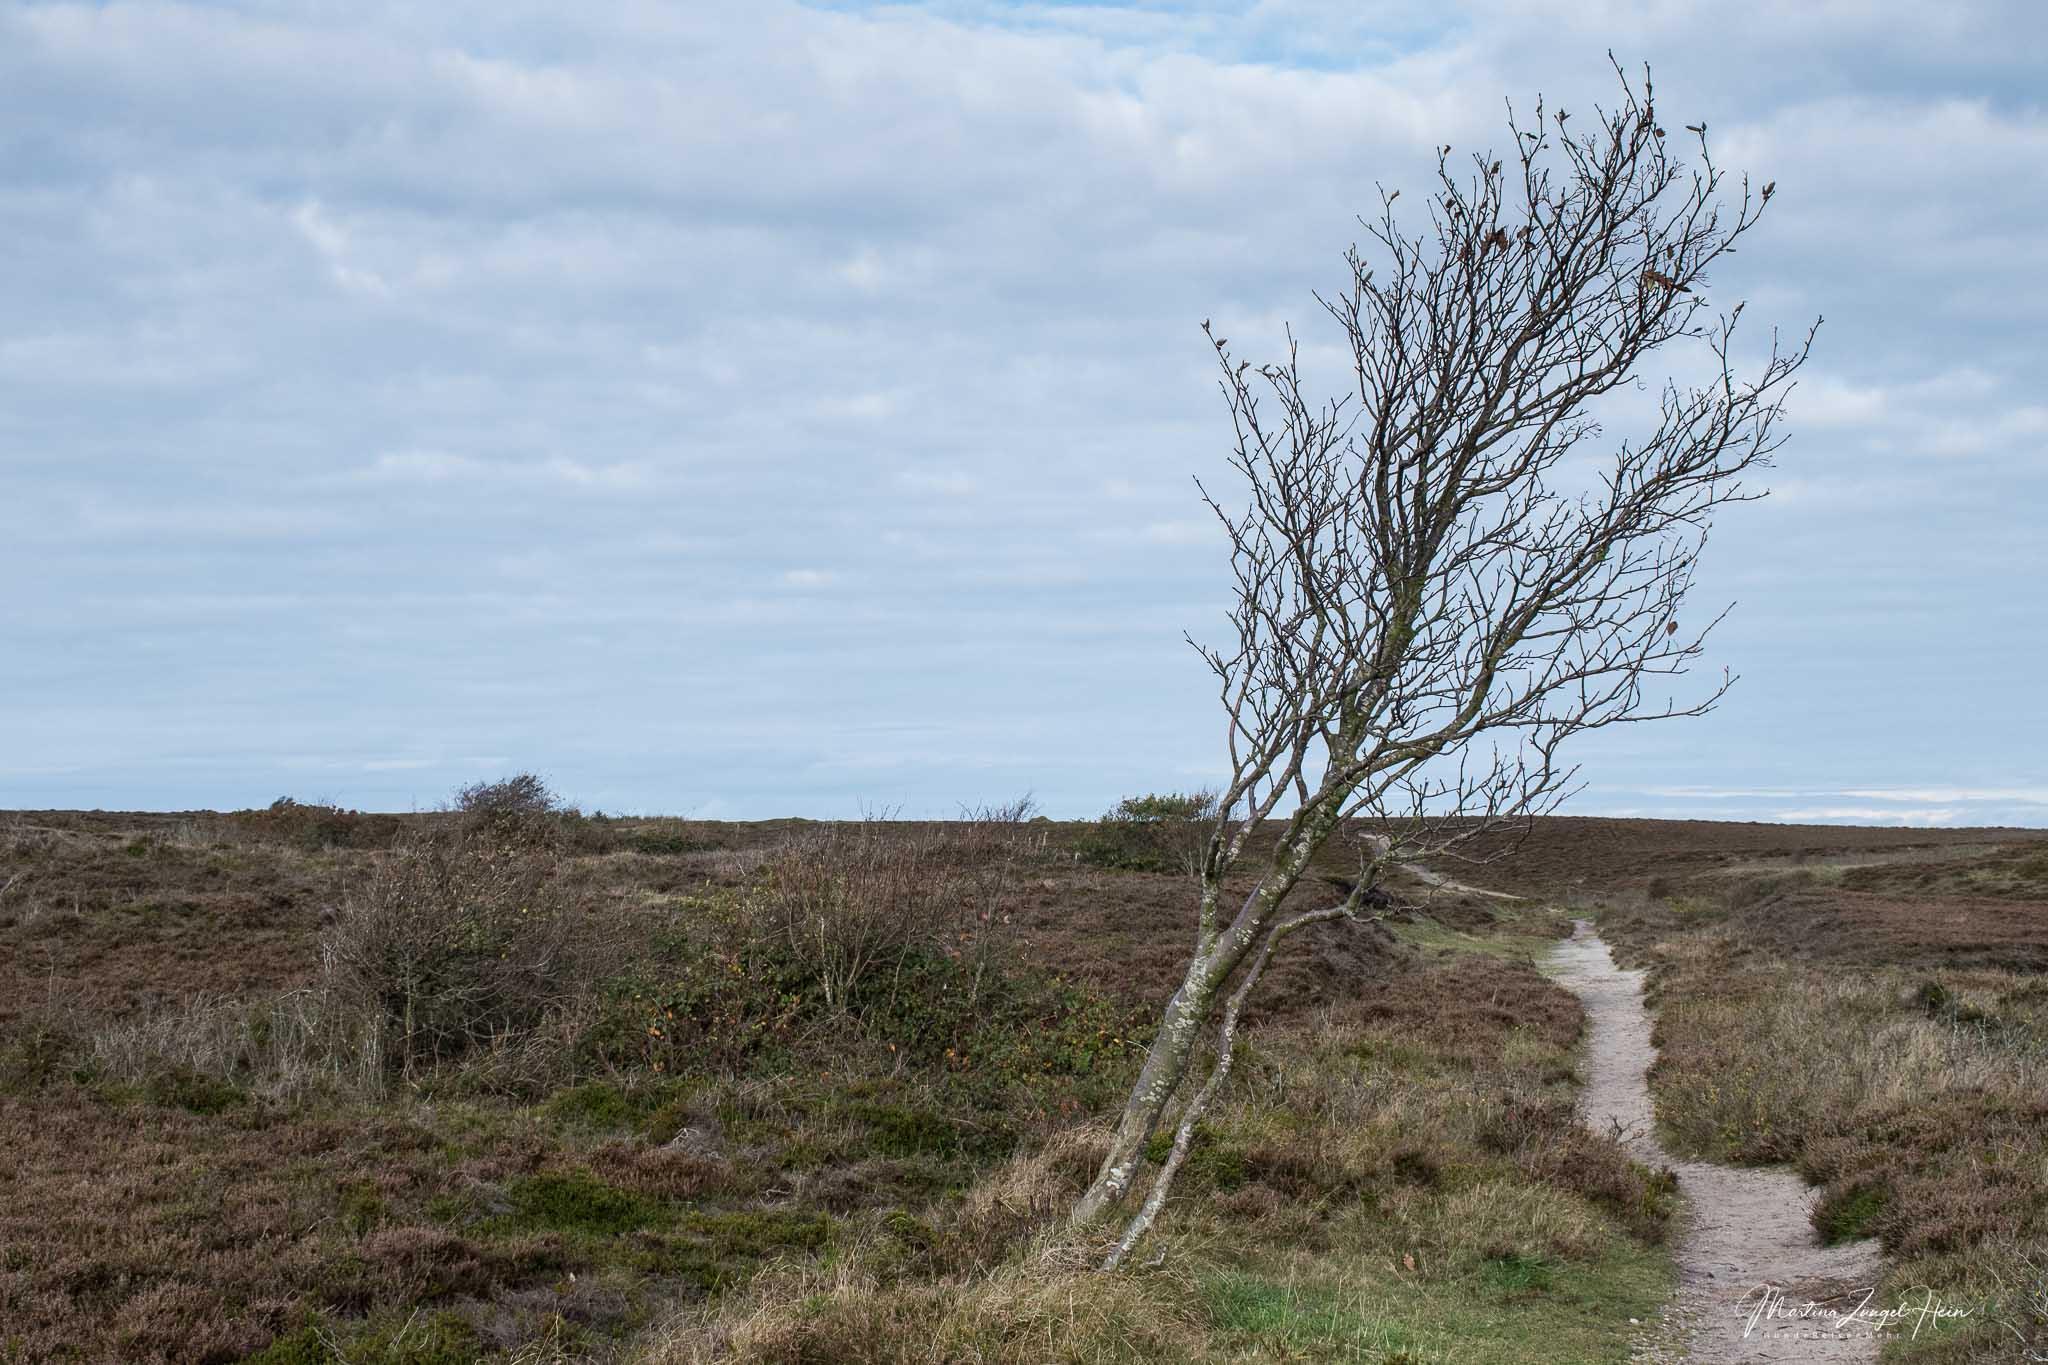 Karge Heidelandschaft und windschiefe Bäume zeugen von einer stürmischen Natur